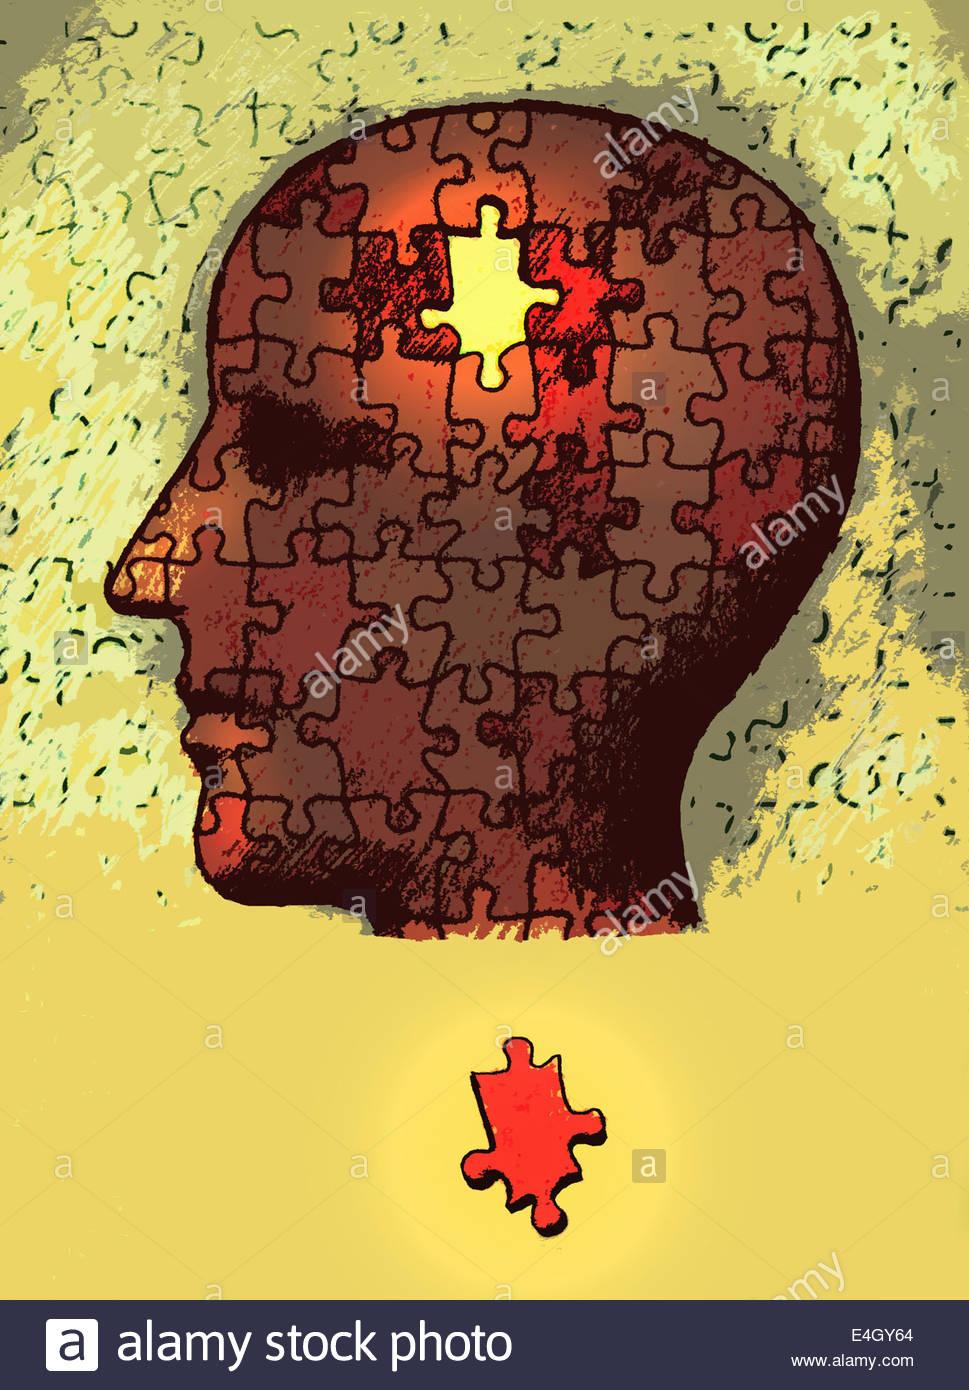 Manca pezzo del puzzle al di fuori dell uomo la testa Immagini Stock